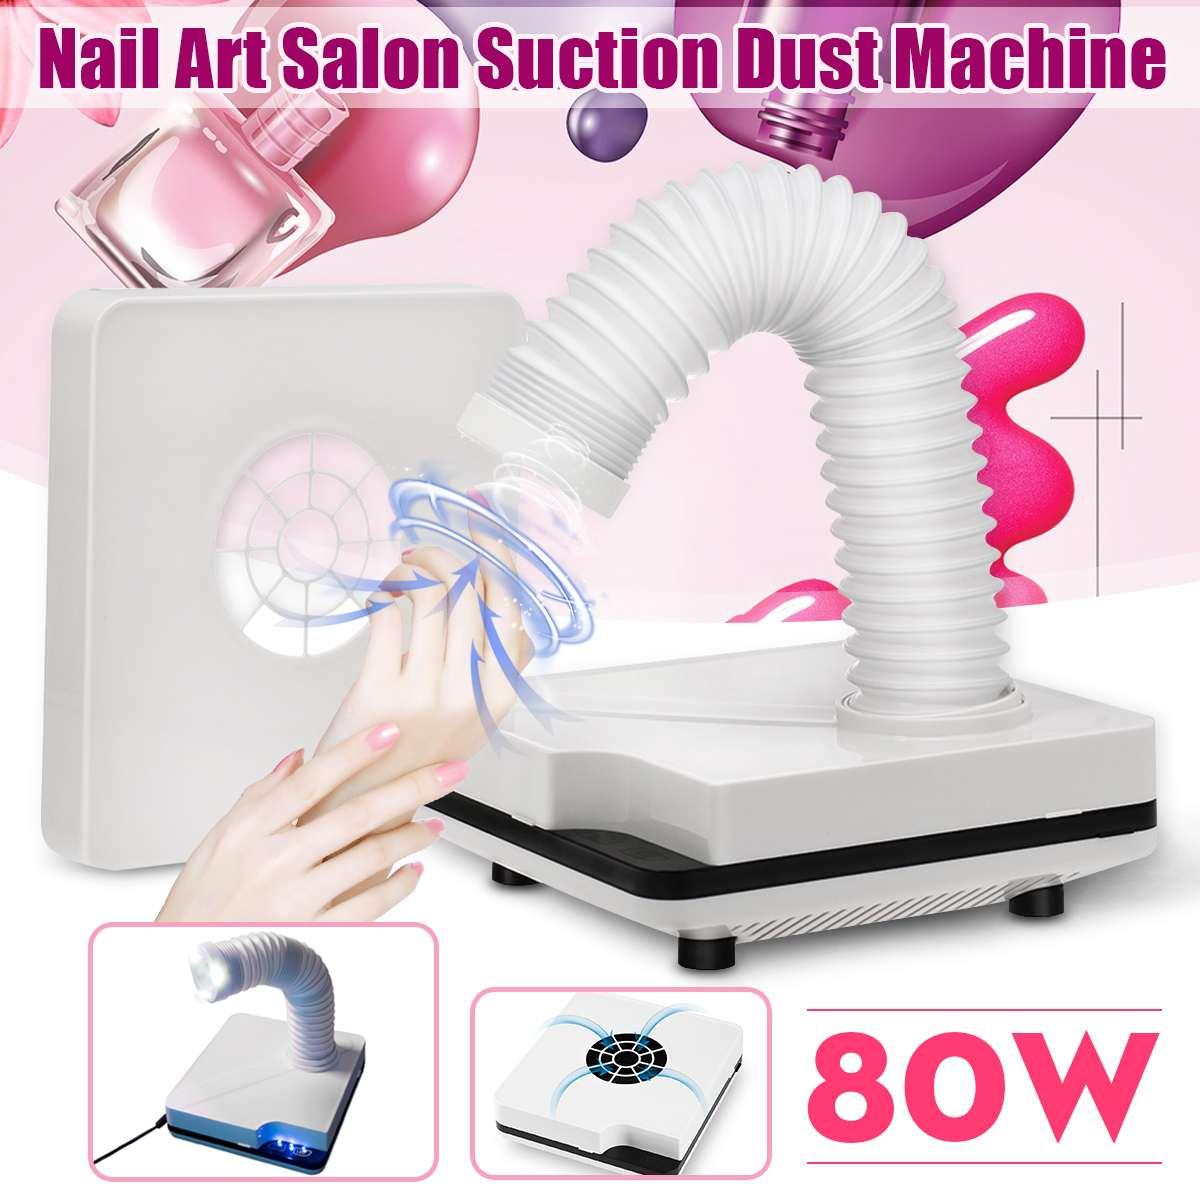 80 W Nail art Salon machine de manucure Forte Puissance Nail Aspiration dépoussiéreur collecteur de poussières d'ongles aspirateur Nail Ventilateur